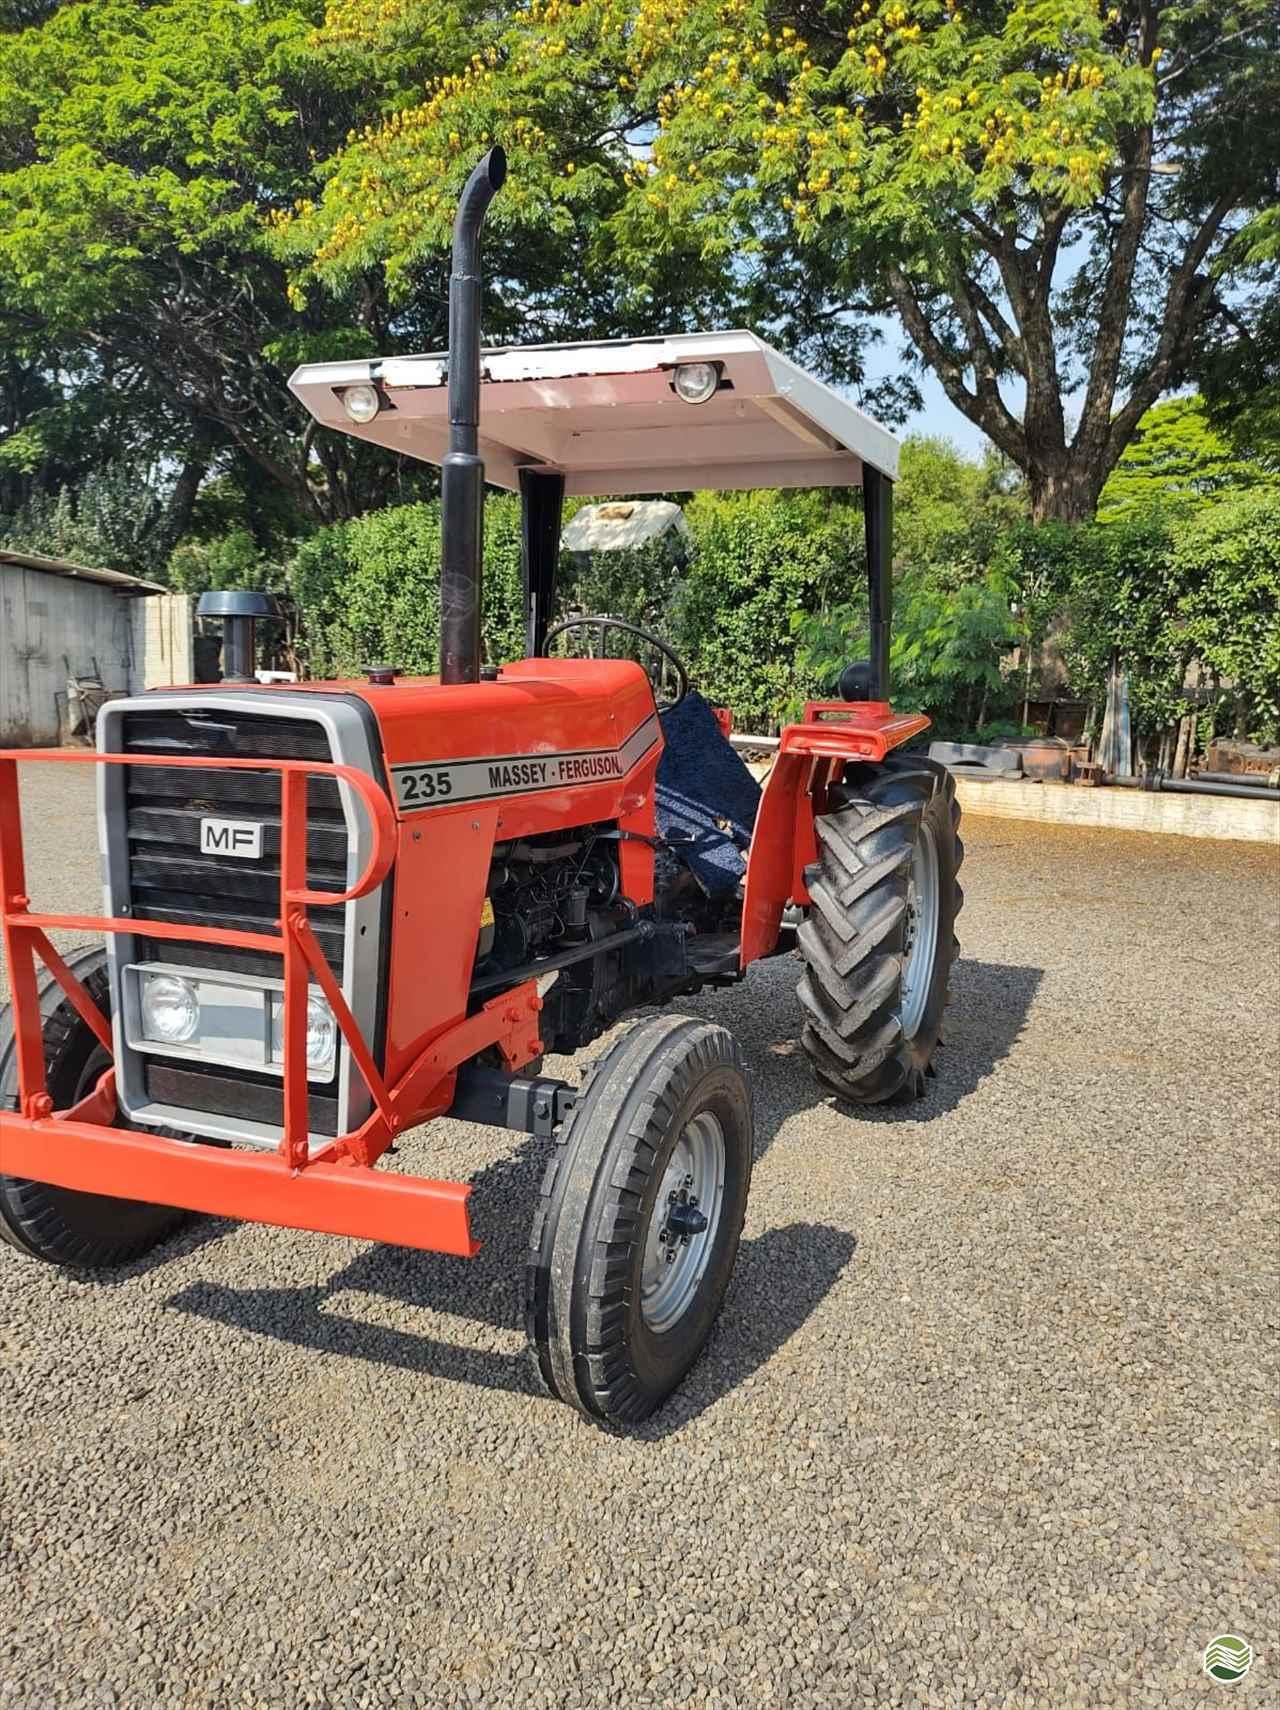 TRATOR MASSEY FERGUSON MF 235 Tração 4x2 Camtrac Máquinas Agrícolas MARIALVA PARANÁ PR